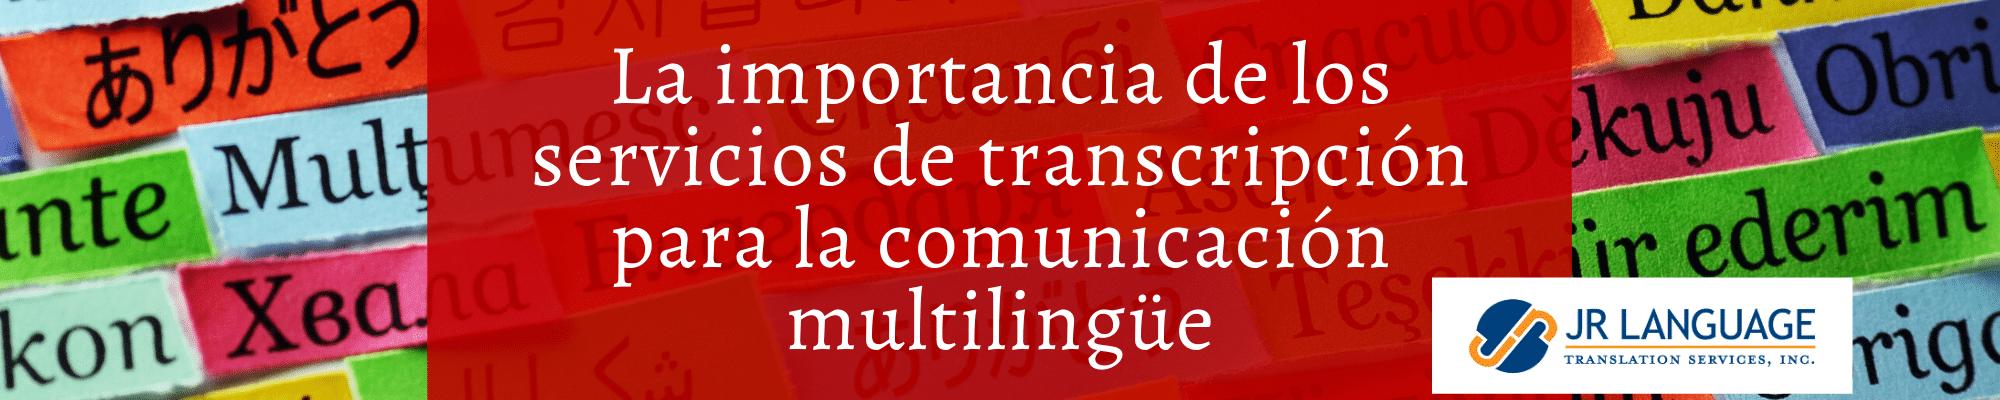 Servicios de transcripción multilingüe para videos